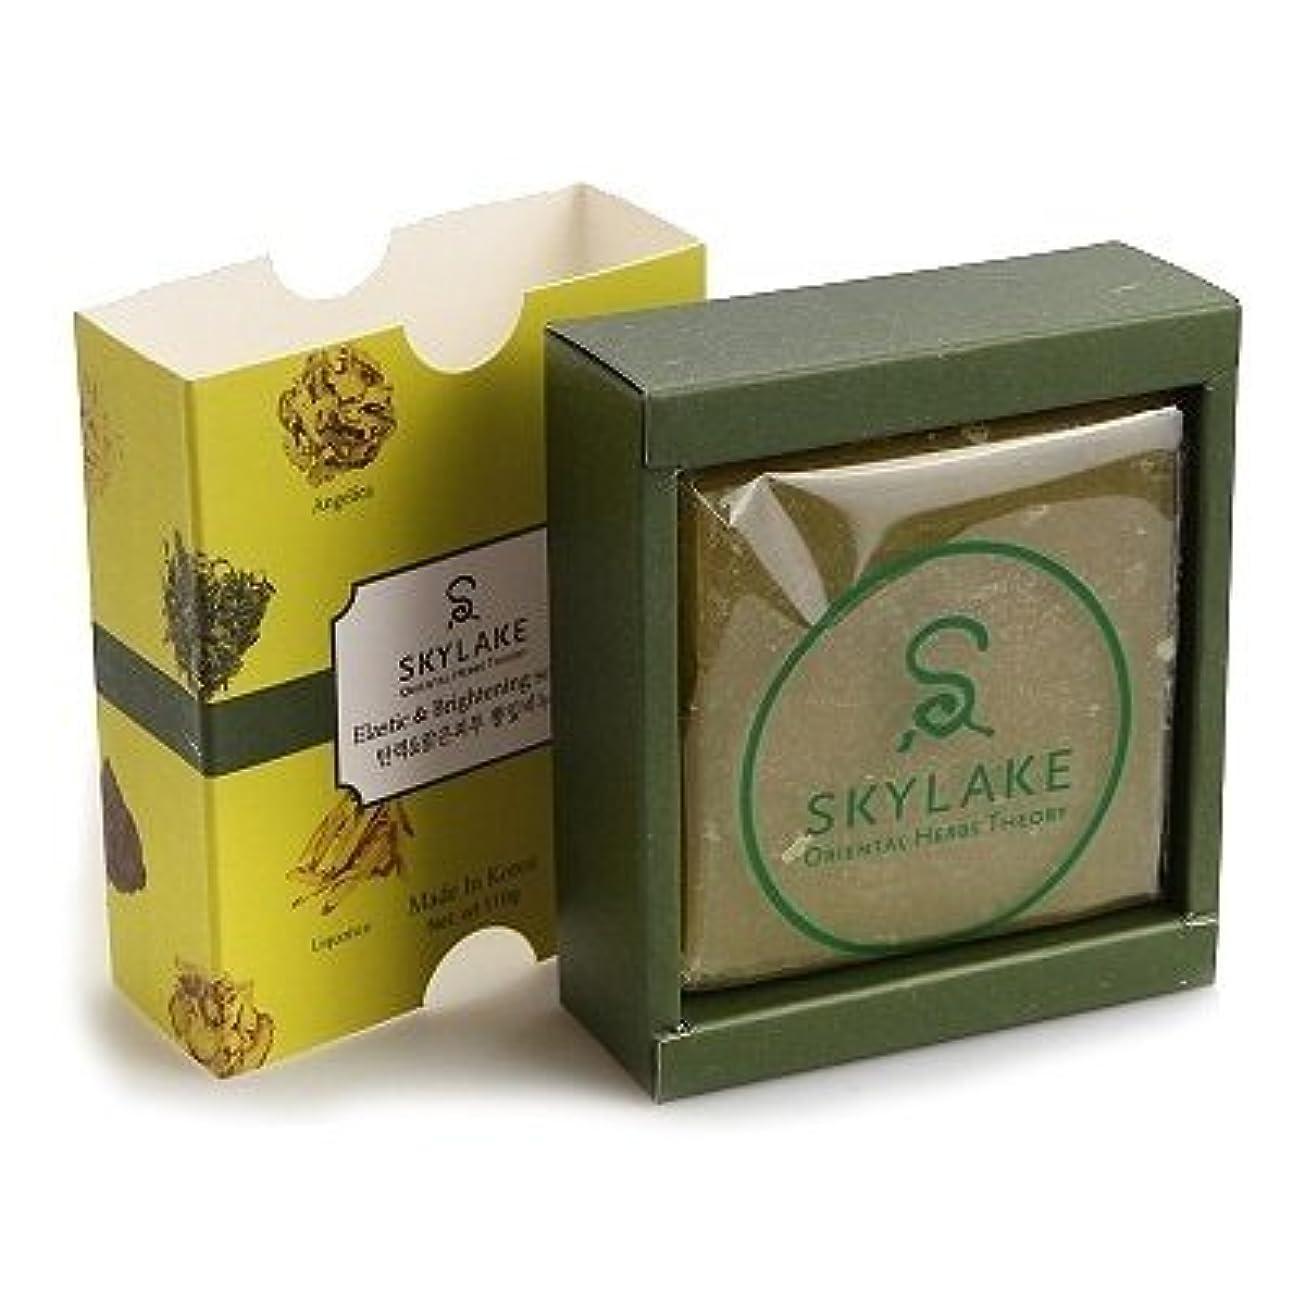 幾何学転送トリプル[1+1]ハヌルホス[Skylake] 漢方アロマ石鹸Oriental Herbs Theory Soap (ハリ改善&ブライトニング用)